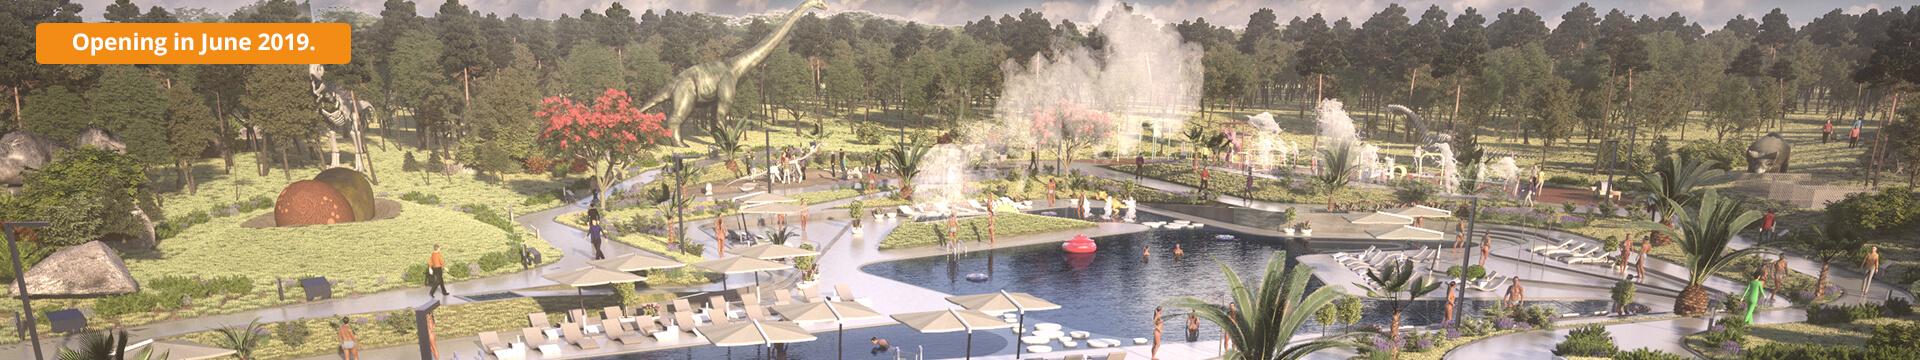 Neuer tematische Wasservergnügungspark und 20 neue Mobilheime im Campingplatz Mon Perin